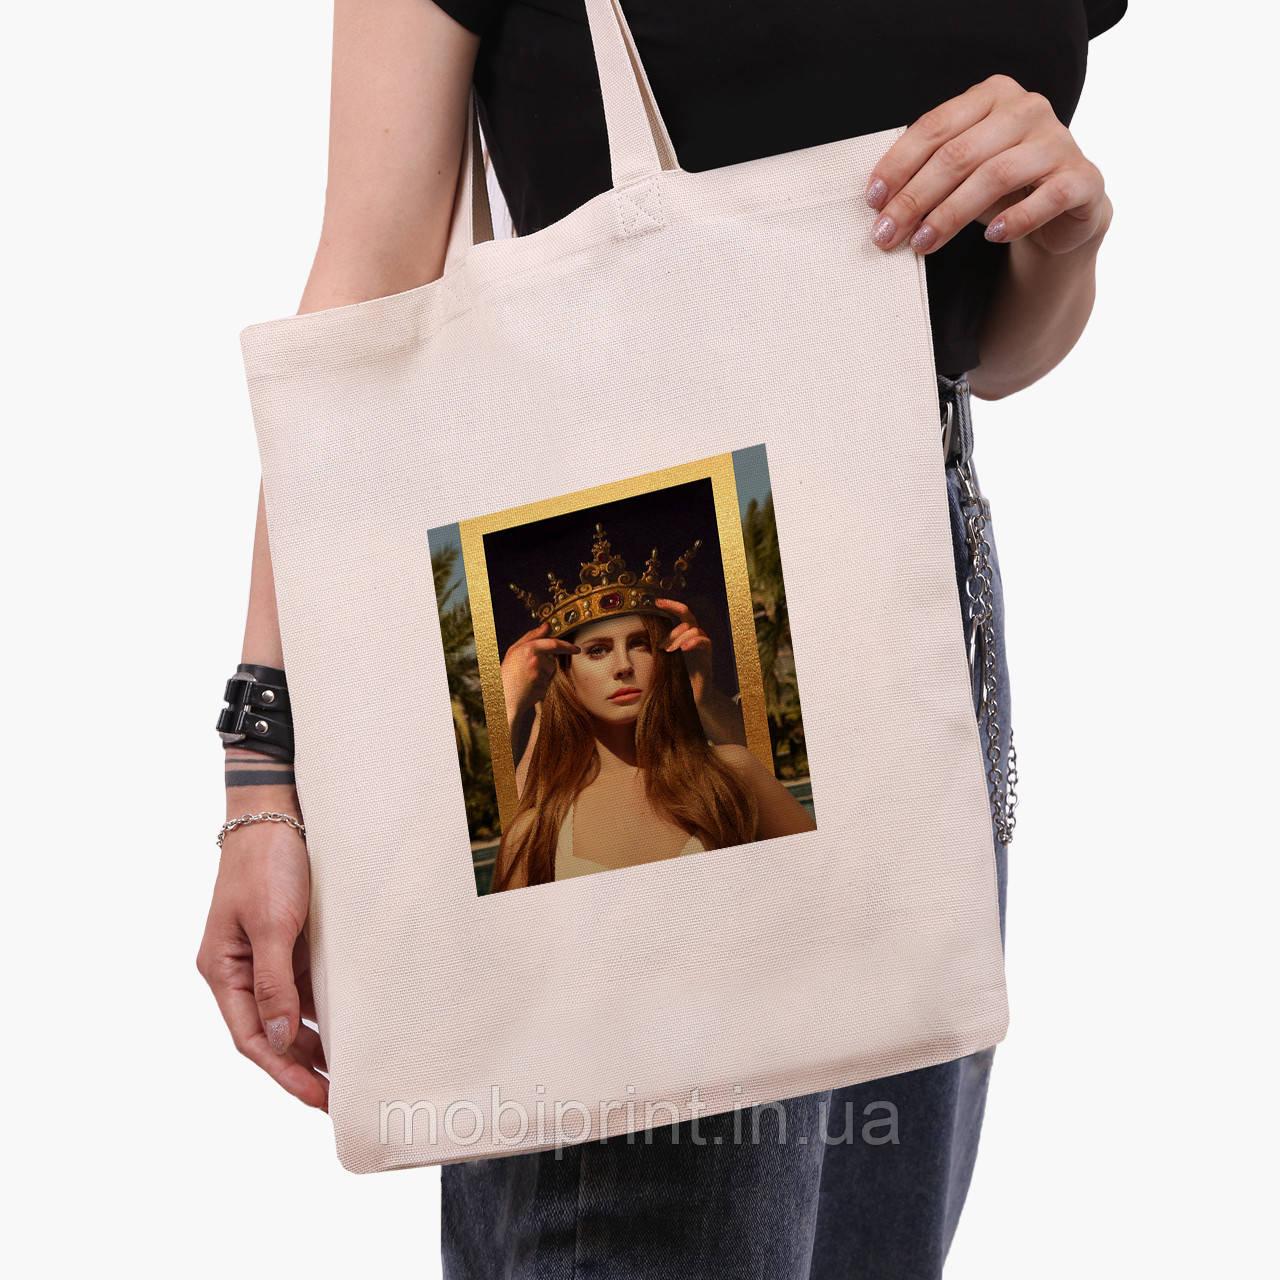 Еко сумка шоппер Ренесанс-Лана дель Рей (Lana Del Rey) (9227-1590) екосумка шопер 41*35 см